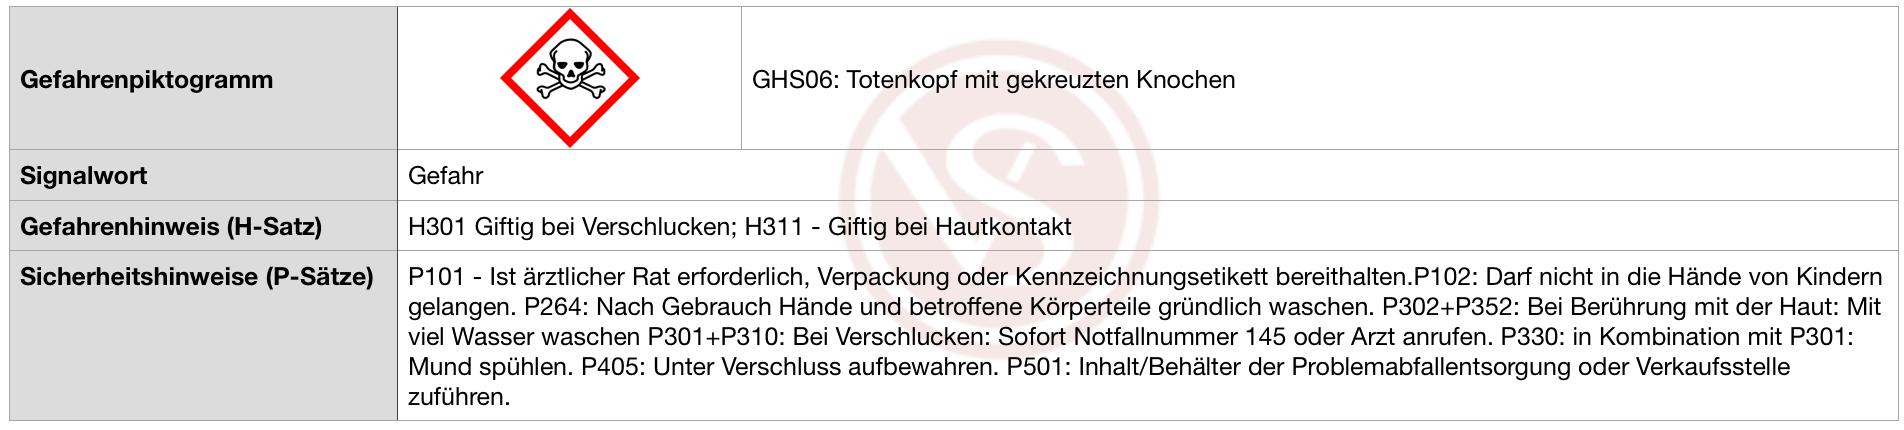 Gefahr_H301_311